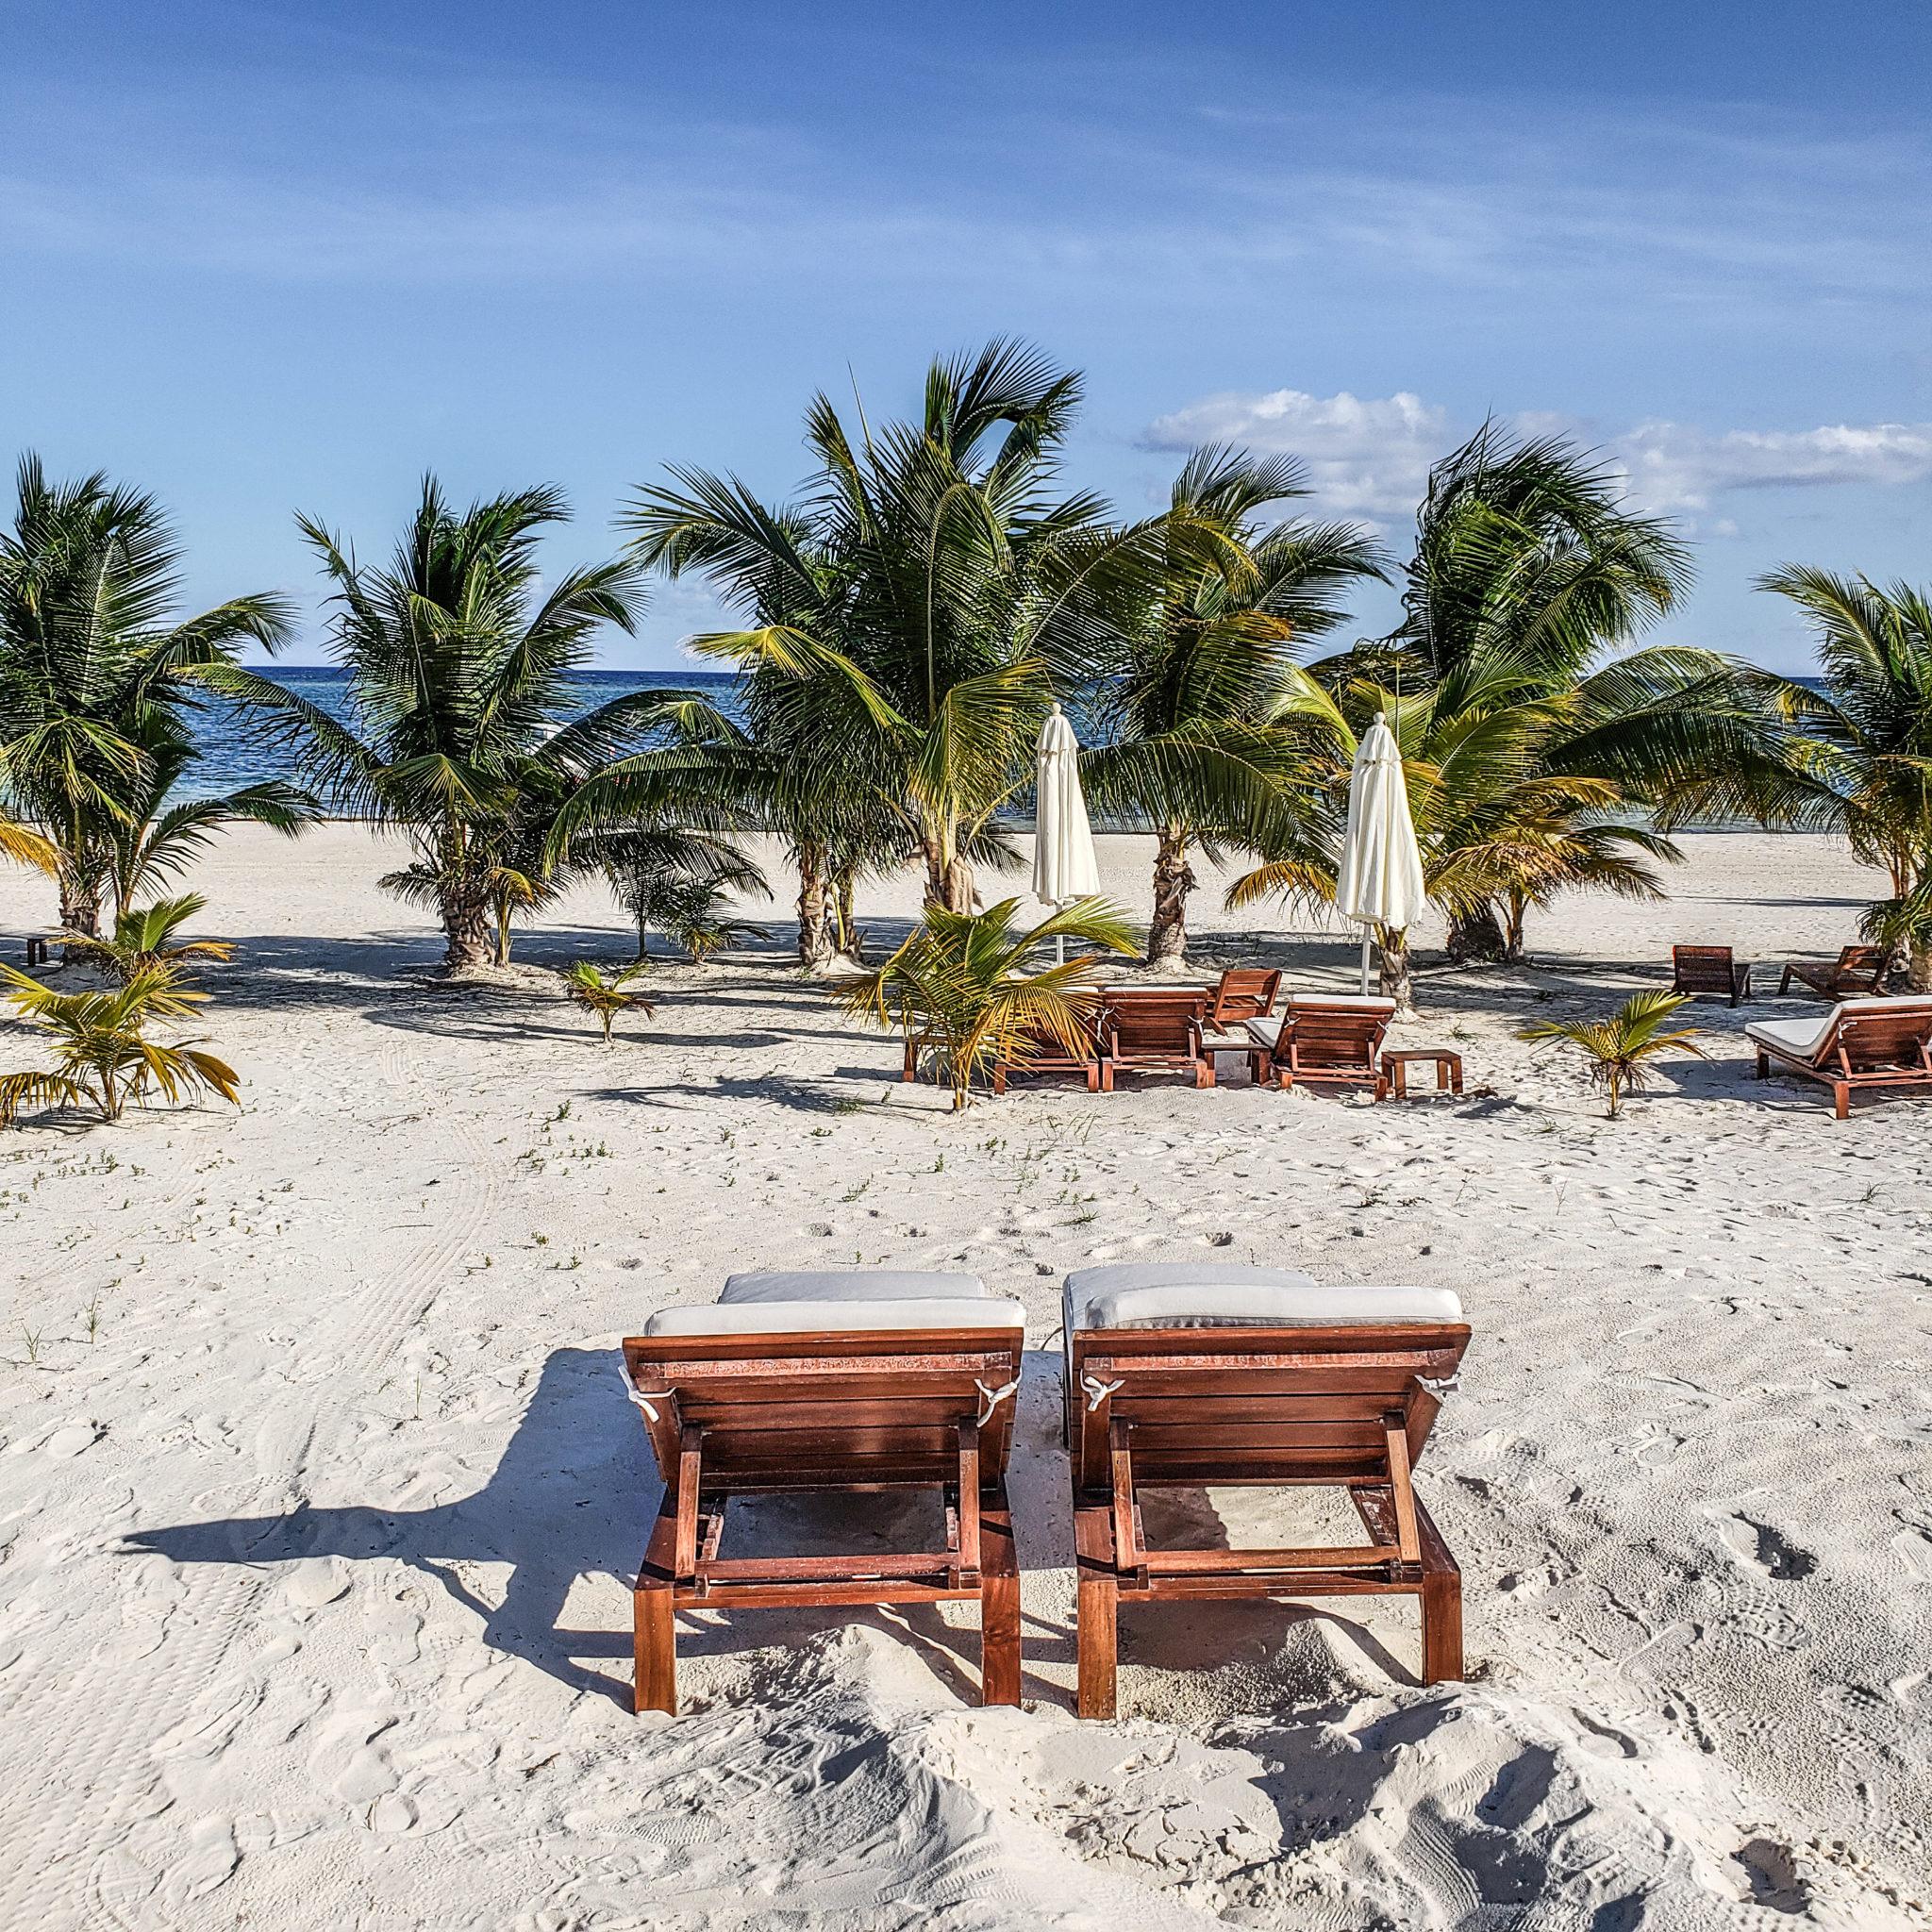 Chable Maroma Resort - Quintana Roo - Playa Del Carmen - Playa Maroma - Beach